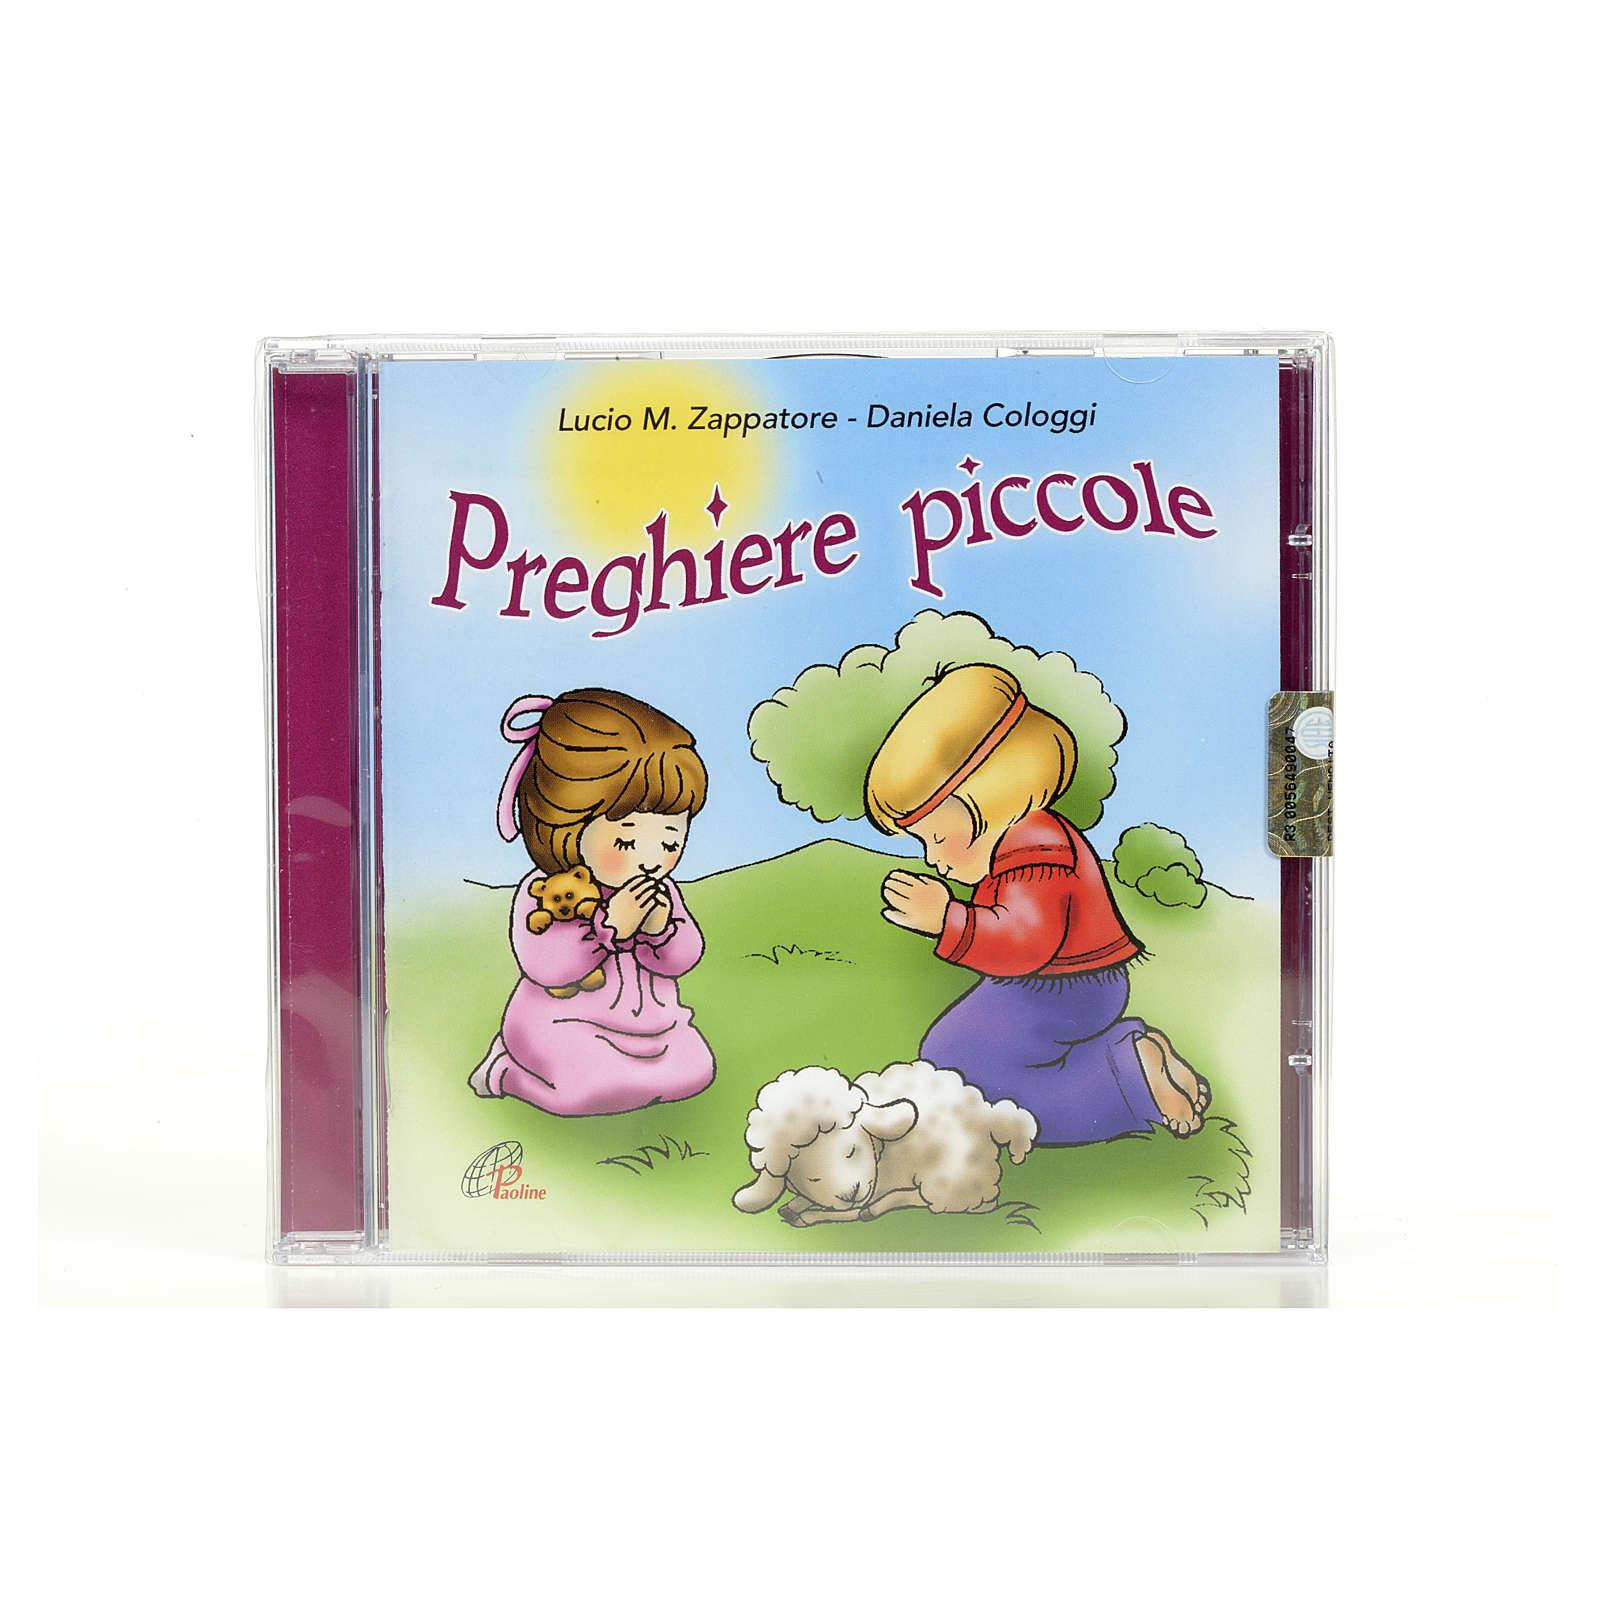 Preghiere Piccole - CD 4